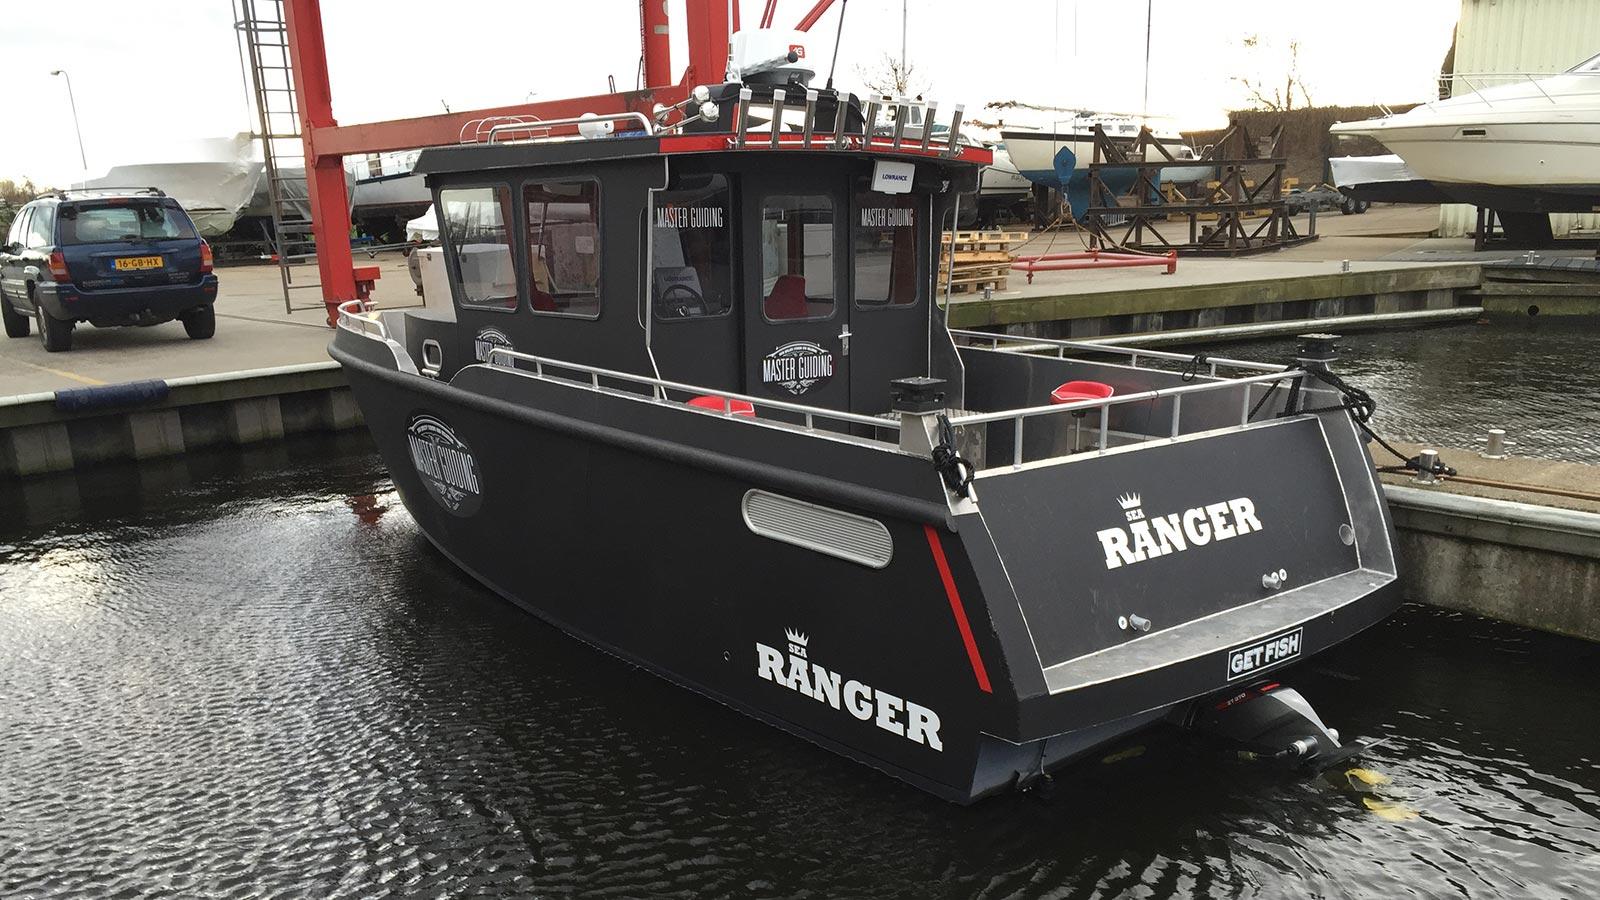 Models AluminiumJon.nl-Patrol Series-8 meters-Sea Ranger